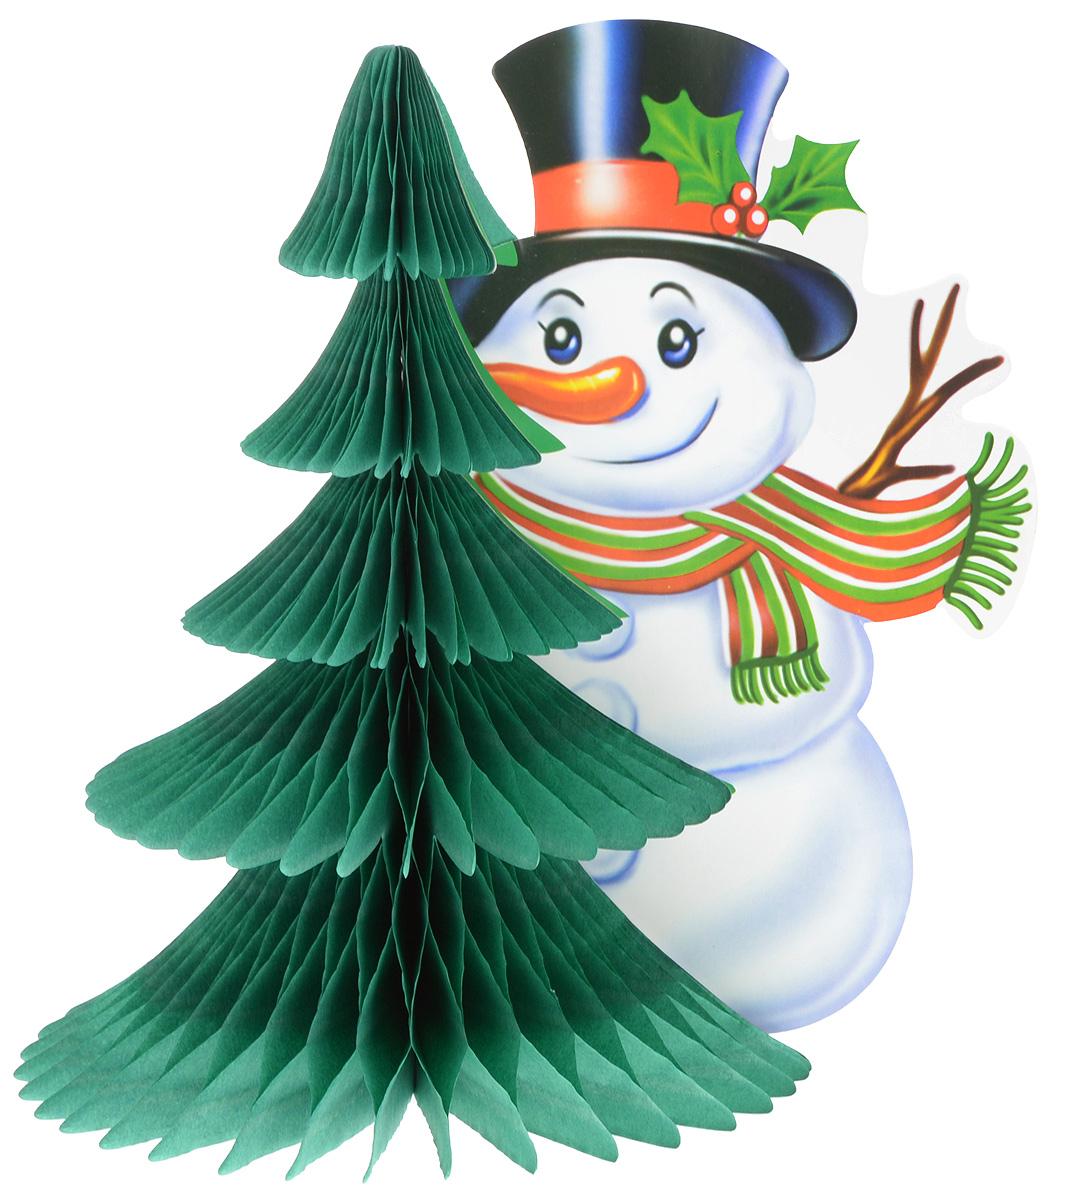 Украшение новогоднее из бумаги B&H Снеговик, длина 24 смBH1216_Снеговик3D украшение из бумаги B&H Снеговик - оригинальное дополнение к домашнему интерьеру в преддверии волшебного праздника. Создать чарующую атмосферу для домочадцев и гостей не составляет сложностей: достаточно раскрыть бумажную конструкцию для того, чтобы стилизованное новогоднее изображение предстало во всей красе. Объемная фигура прекрасно подойдет для украшения праздничного стола или же заставит по-другому взглянуть на обычные книжные полки.